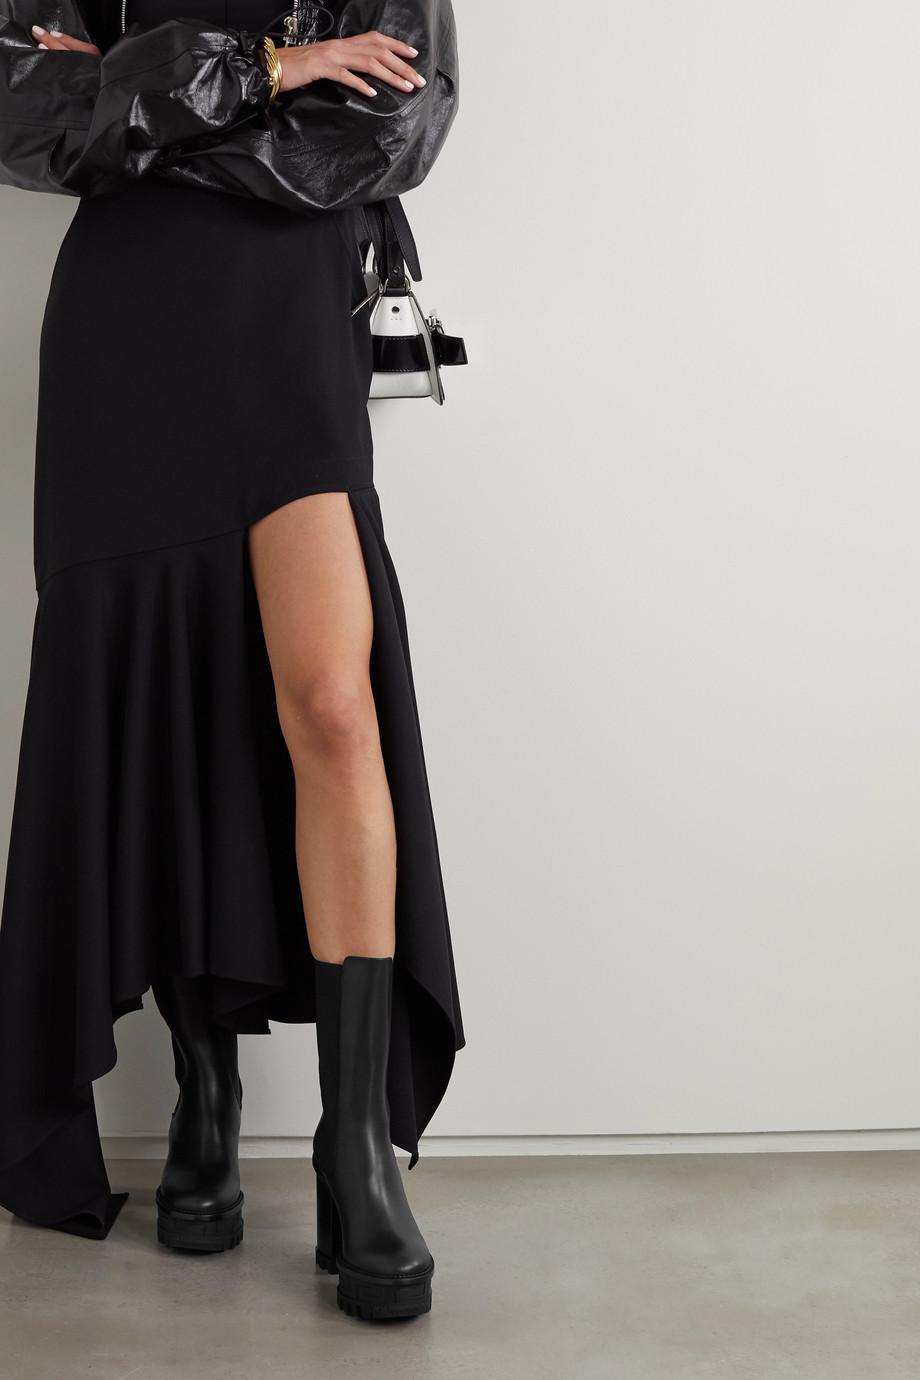 Versace Embellished leather platform Chelsea boots